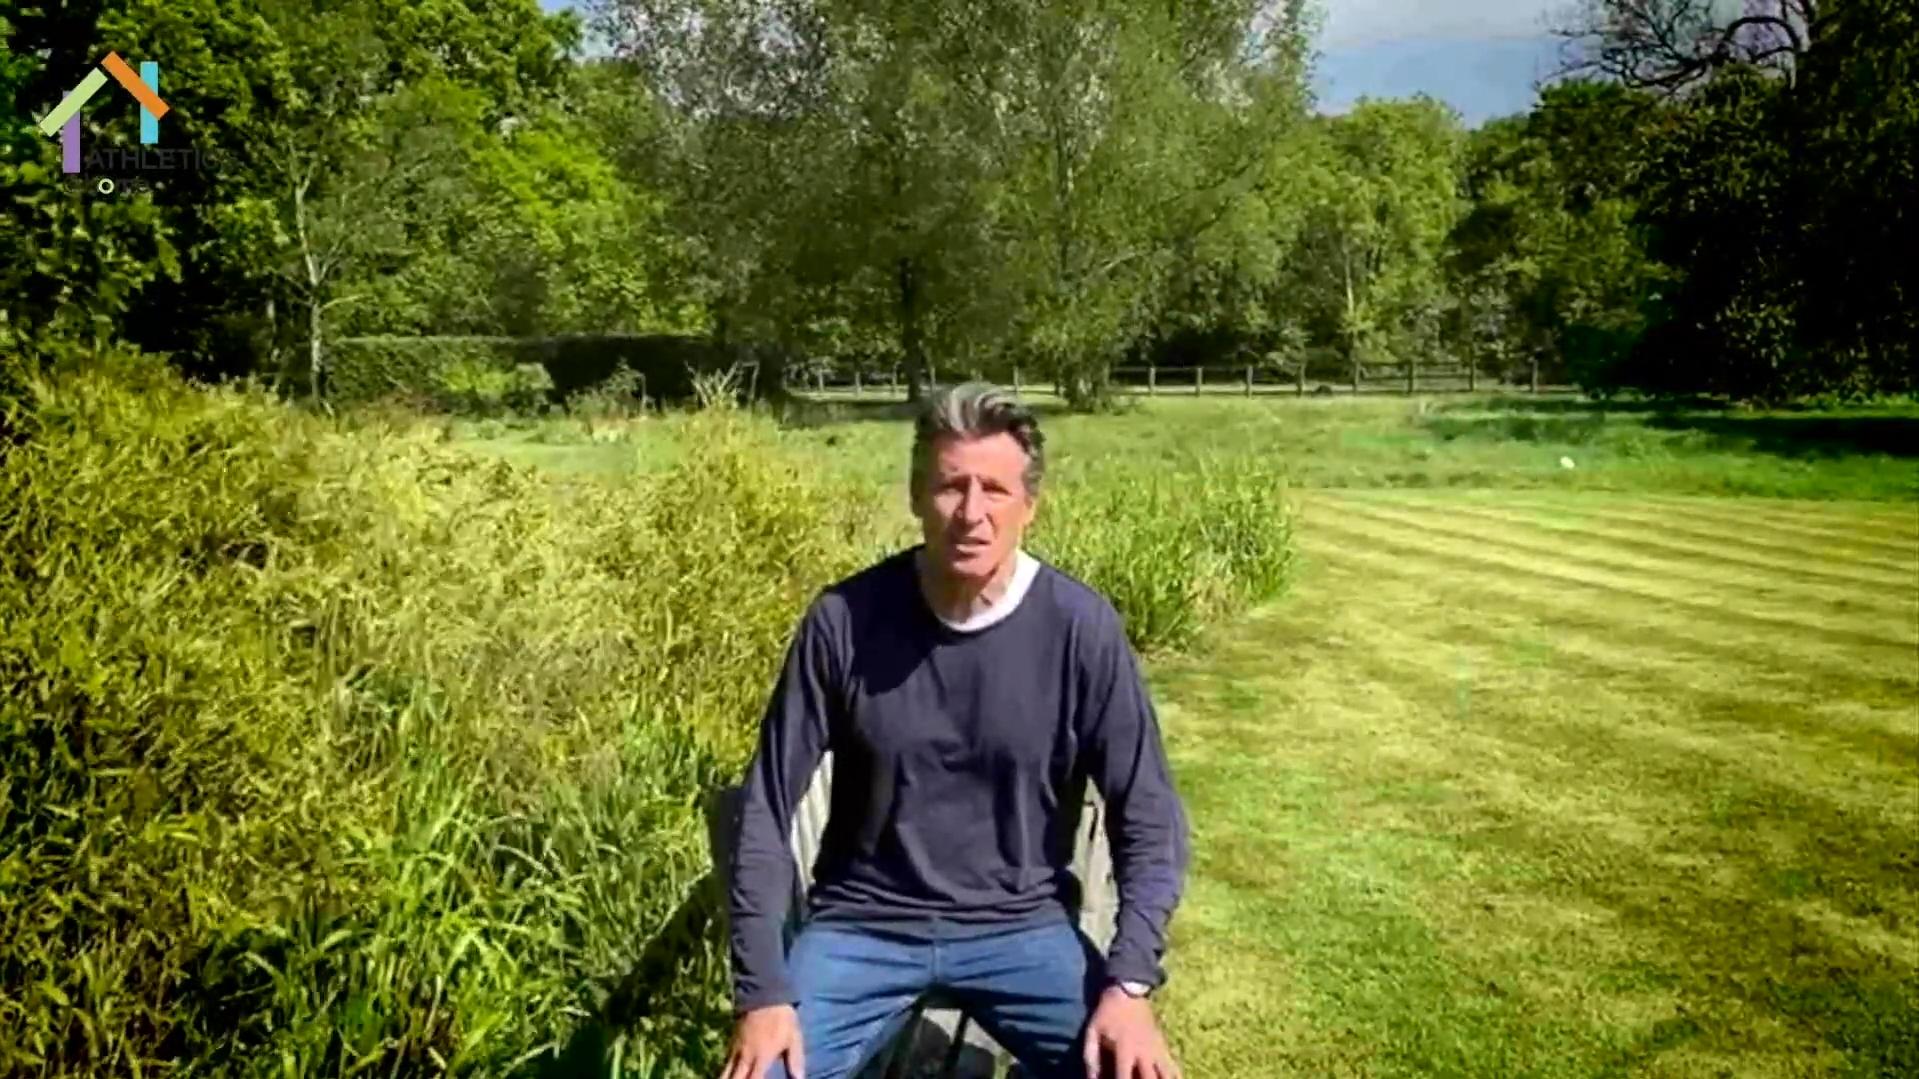 Sebastijan Kou, The Ultimate Garden Clash